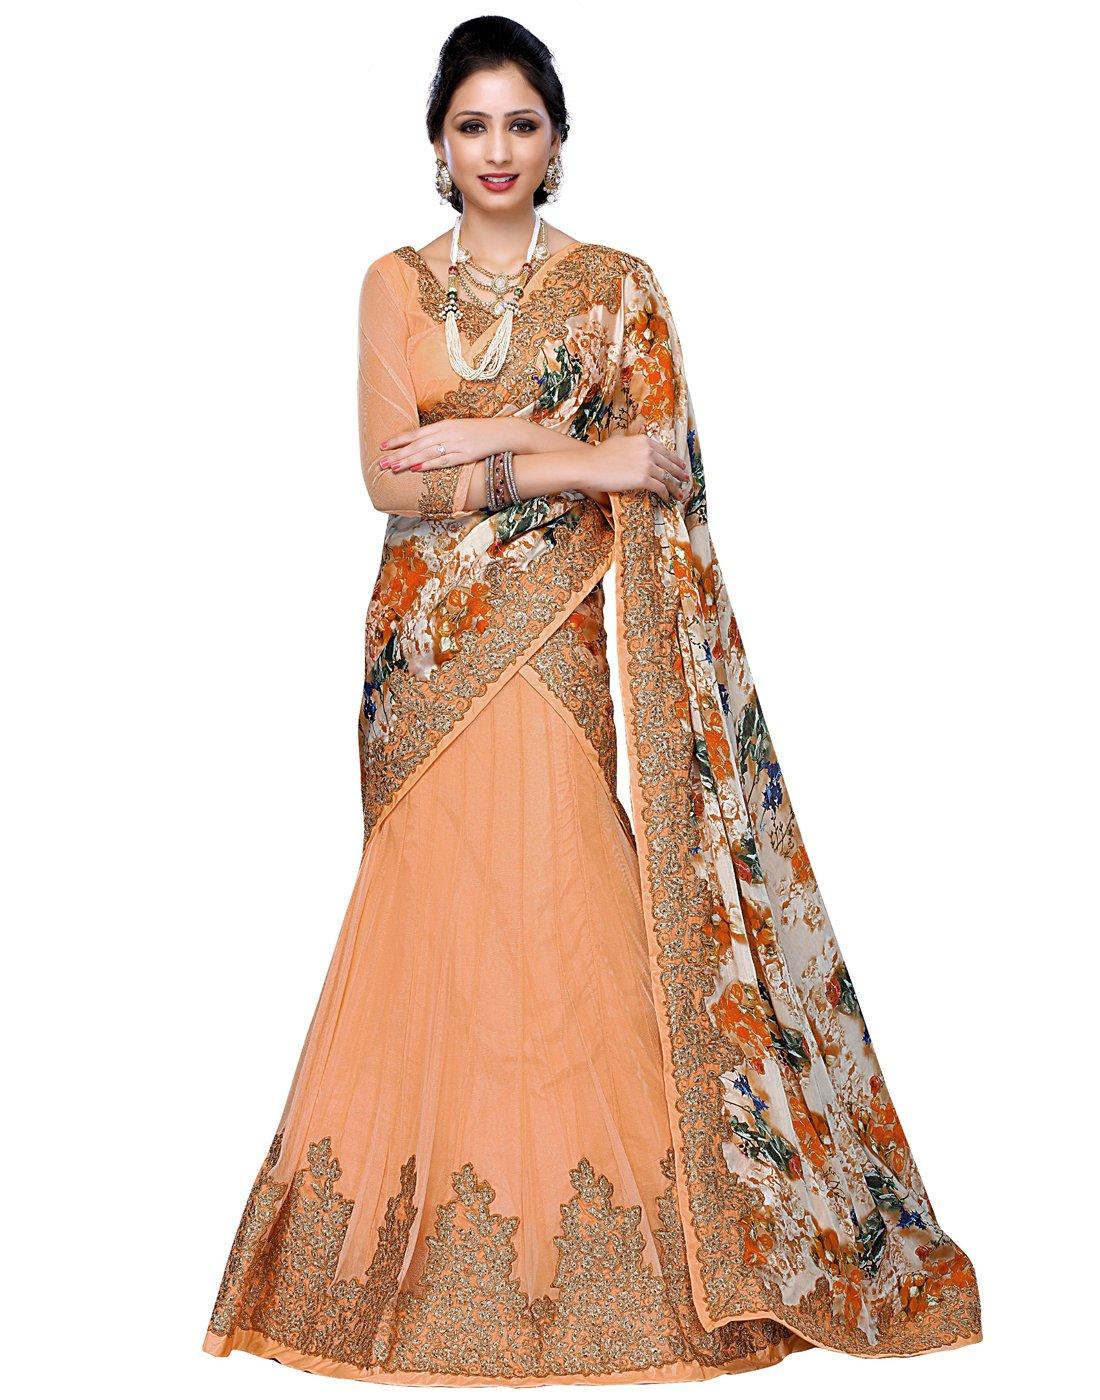 DesiButik's Wedding Wear Ravishing Peach Banglori Silk Lehenga